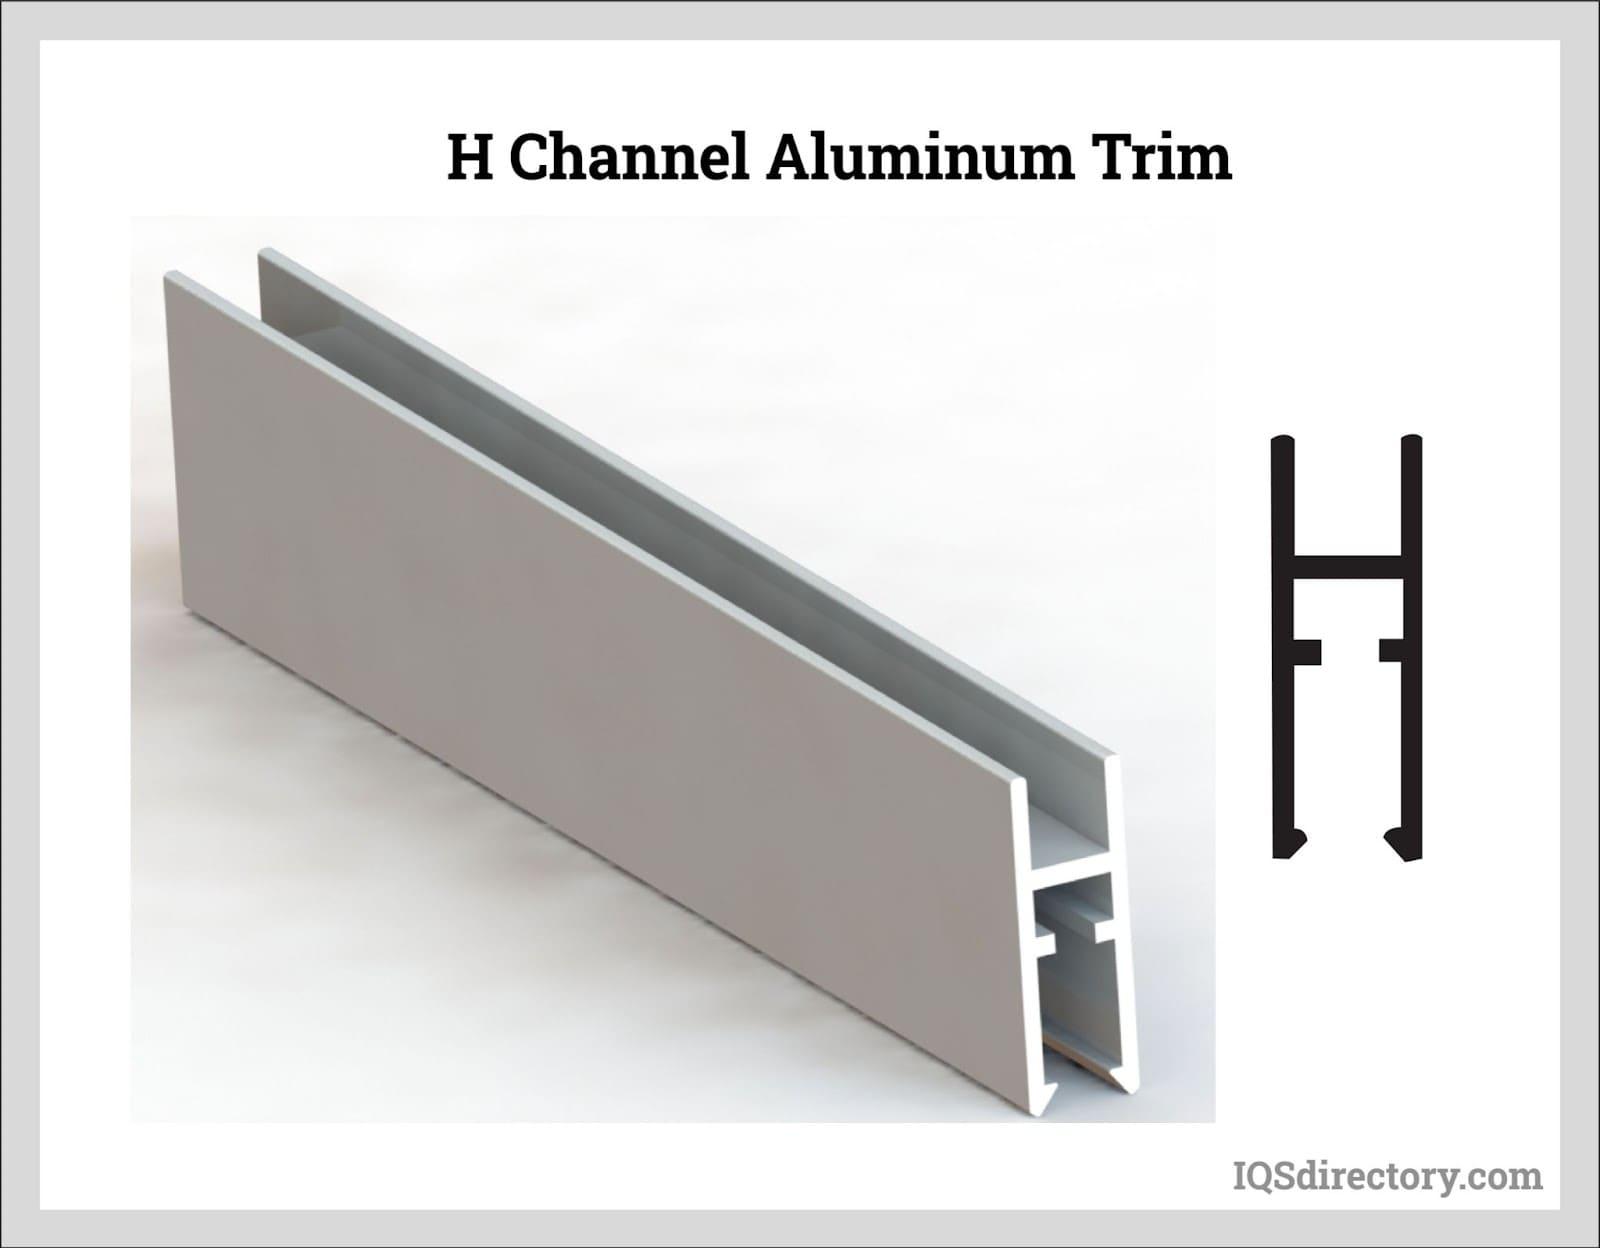 H Channel Aluminum Trim